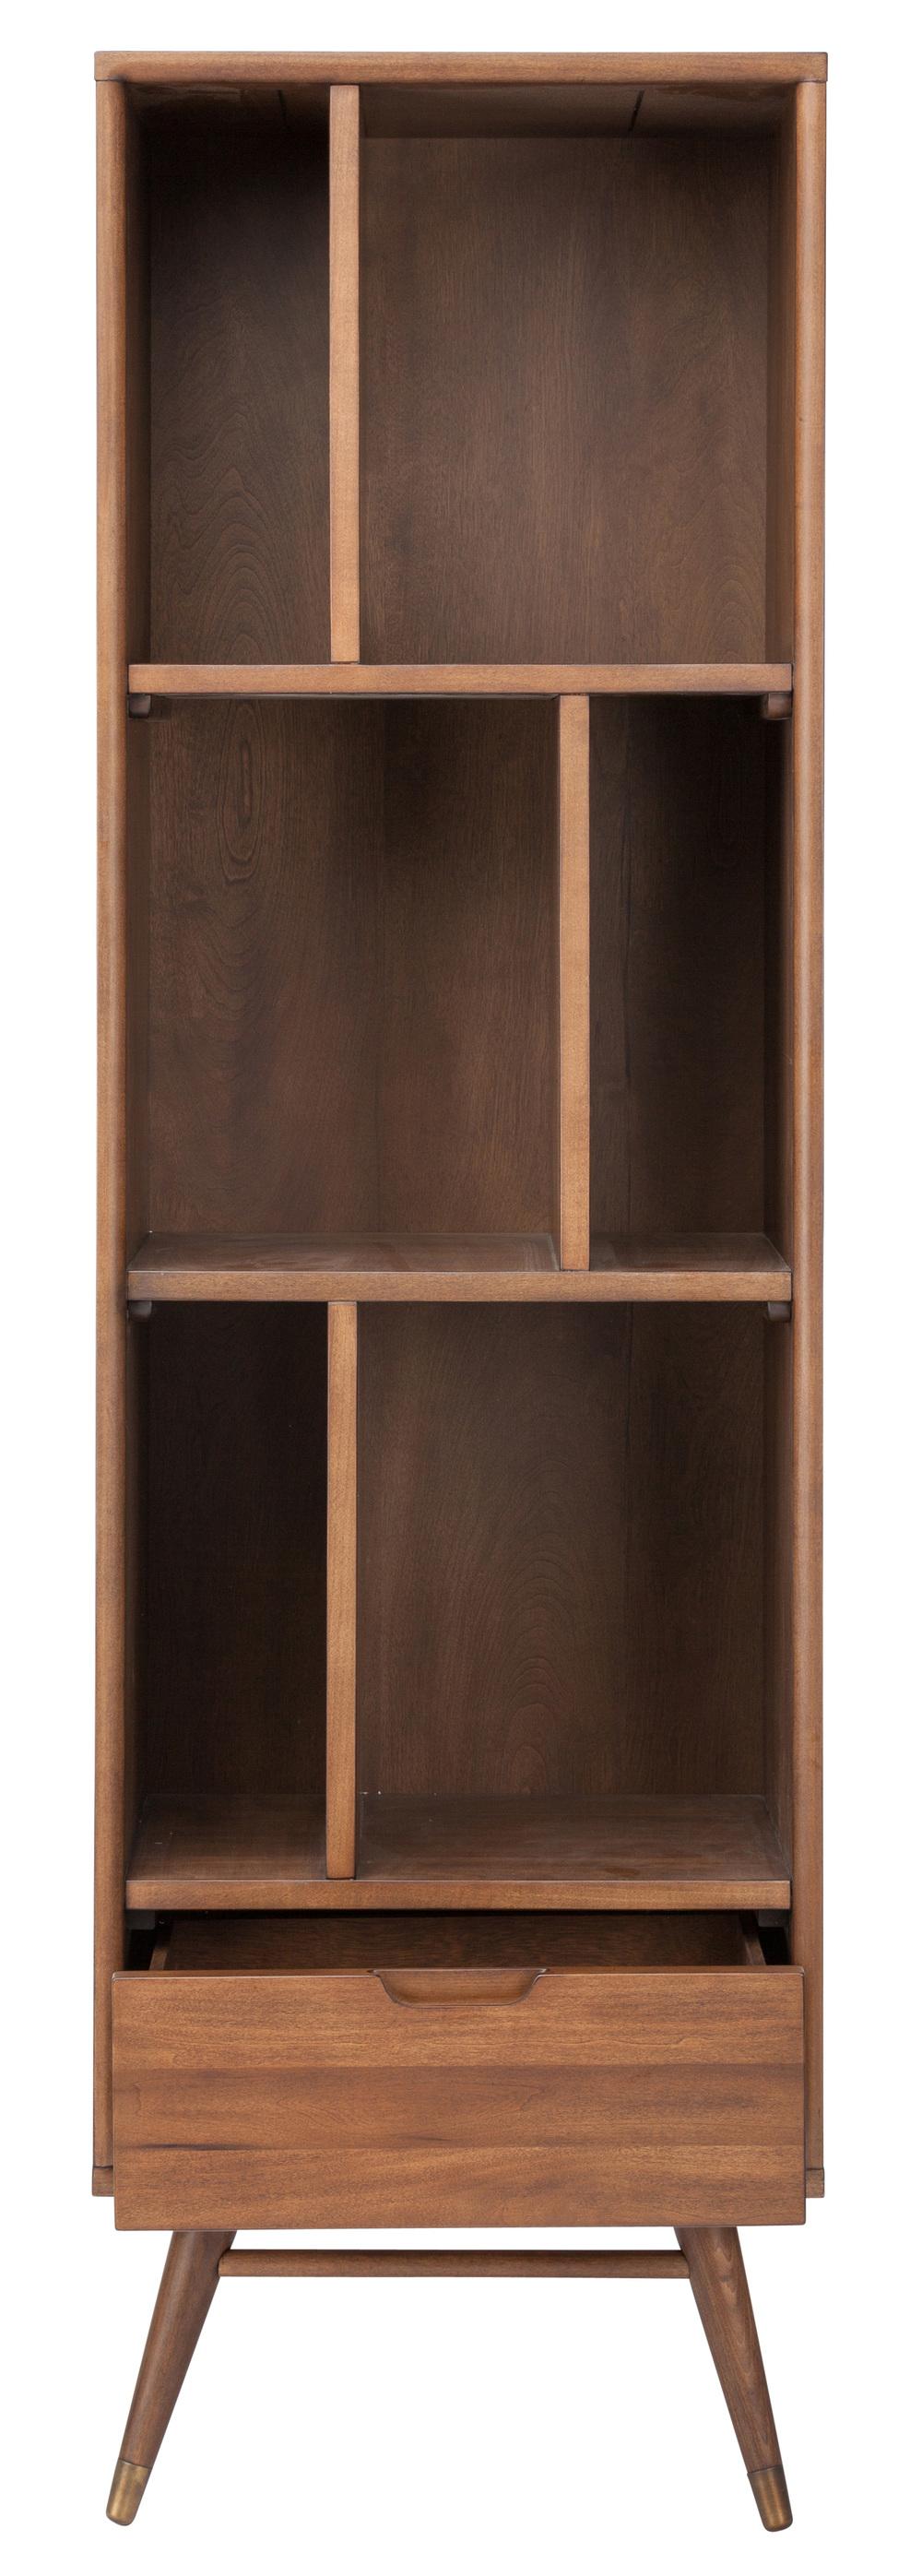 Nuevo - Baas Bookcase Shelving